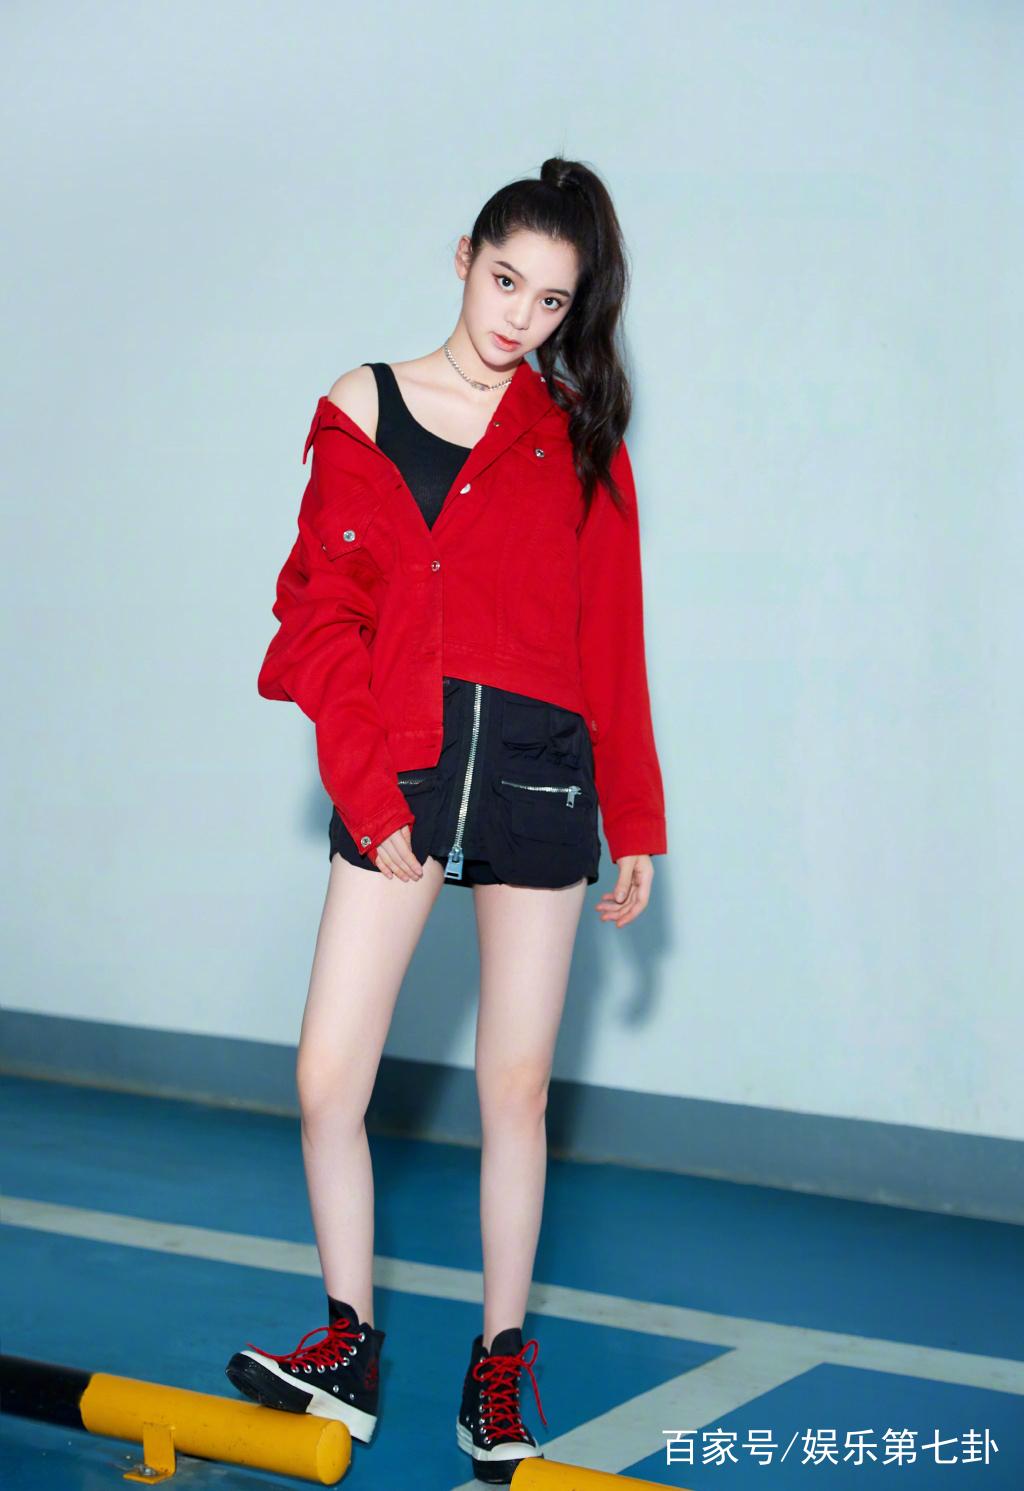 欧阳娜娜身穿红色上衣搭配黑色短裙活力十足,裙子拉链设计很有个性,这图片